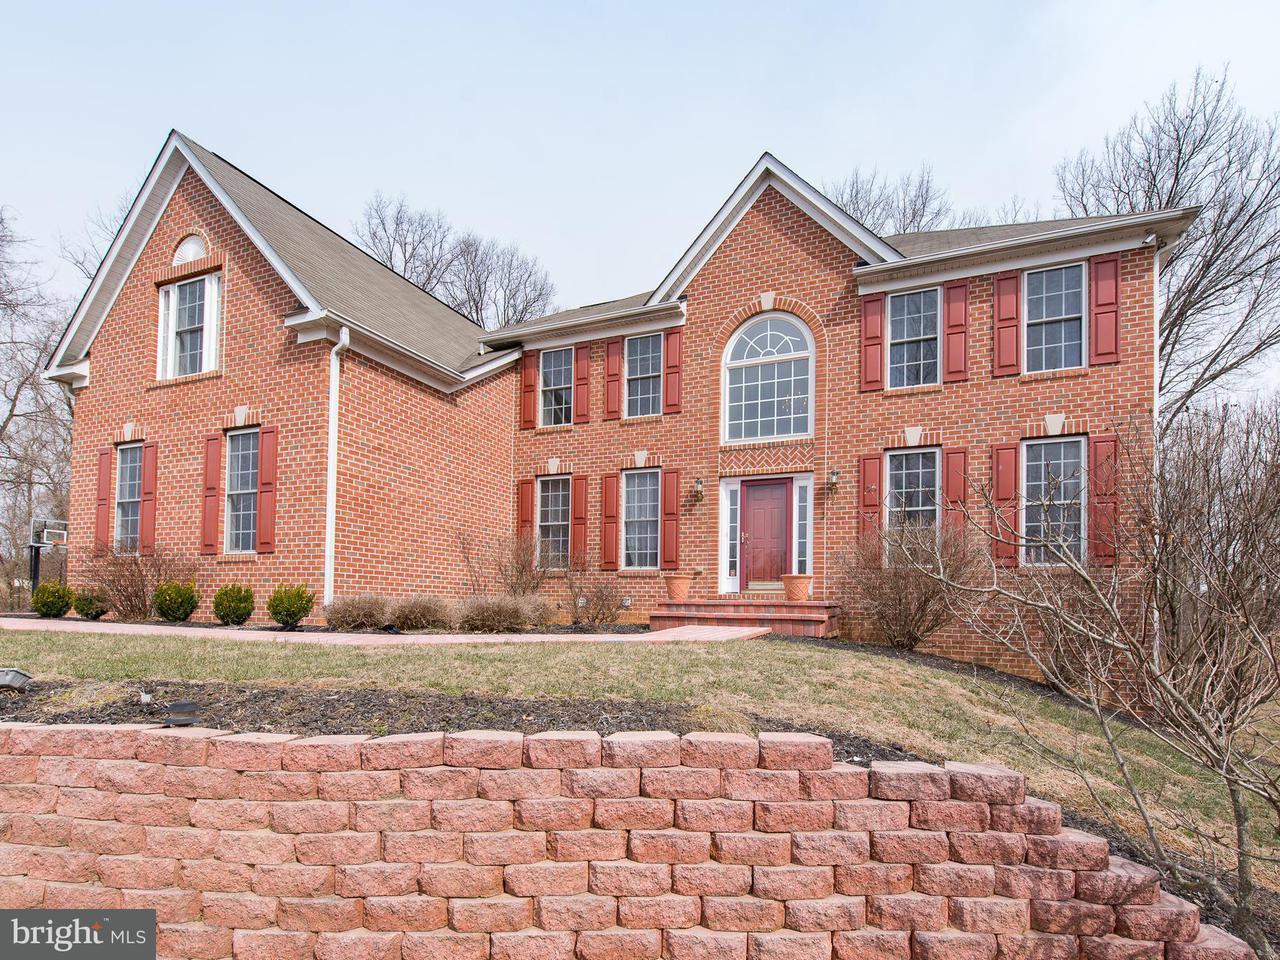 一戸建て のために 売買 アット 9319 Migan Road 9319 Migan Road Randallstown, メリーランド 21133 アメリカ合衆国